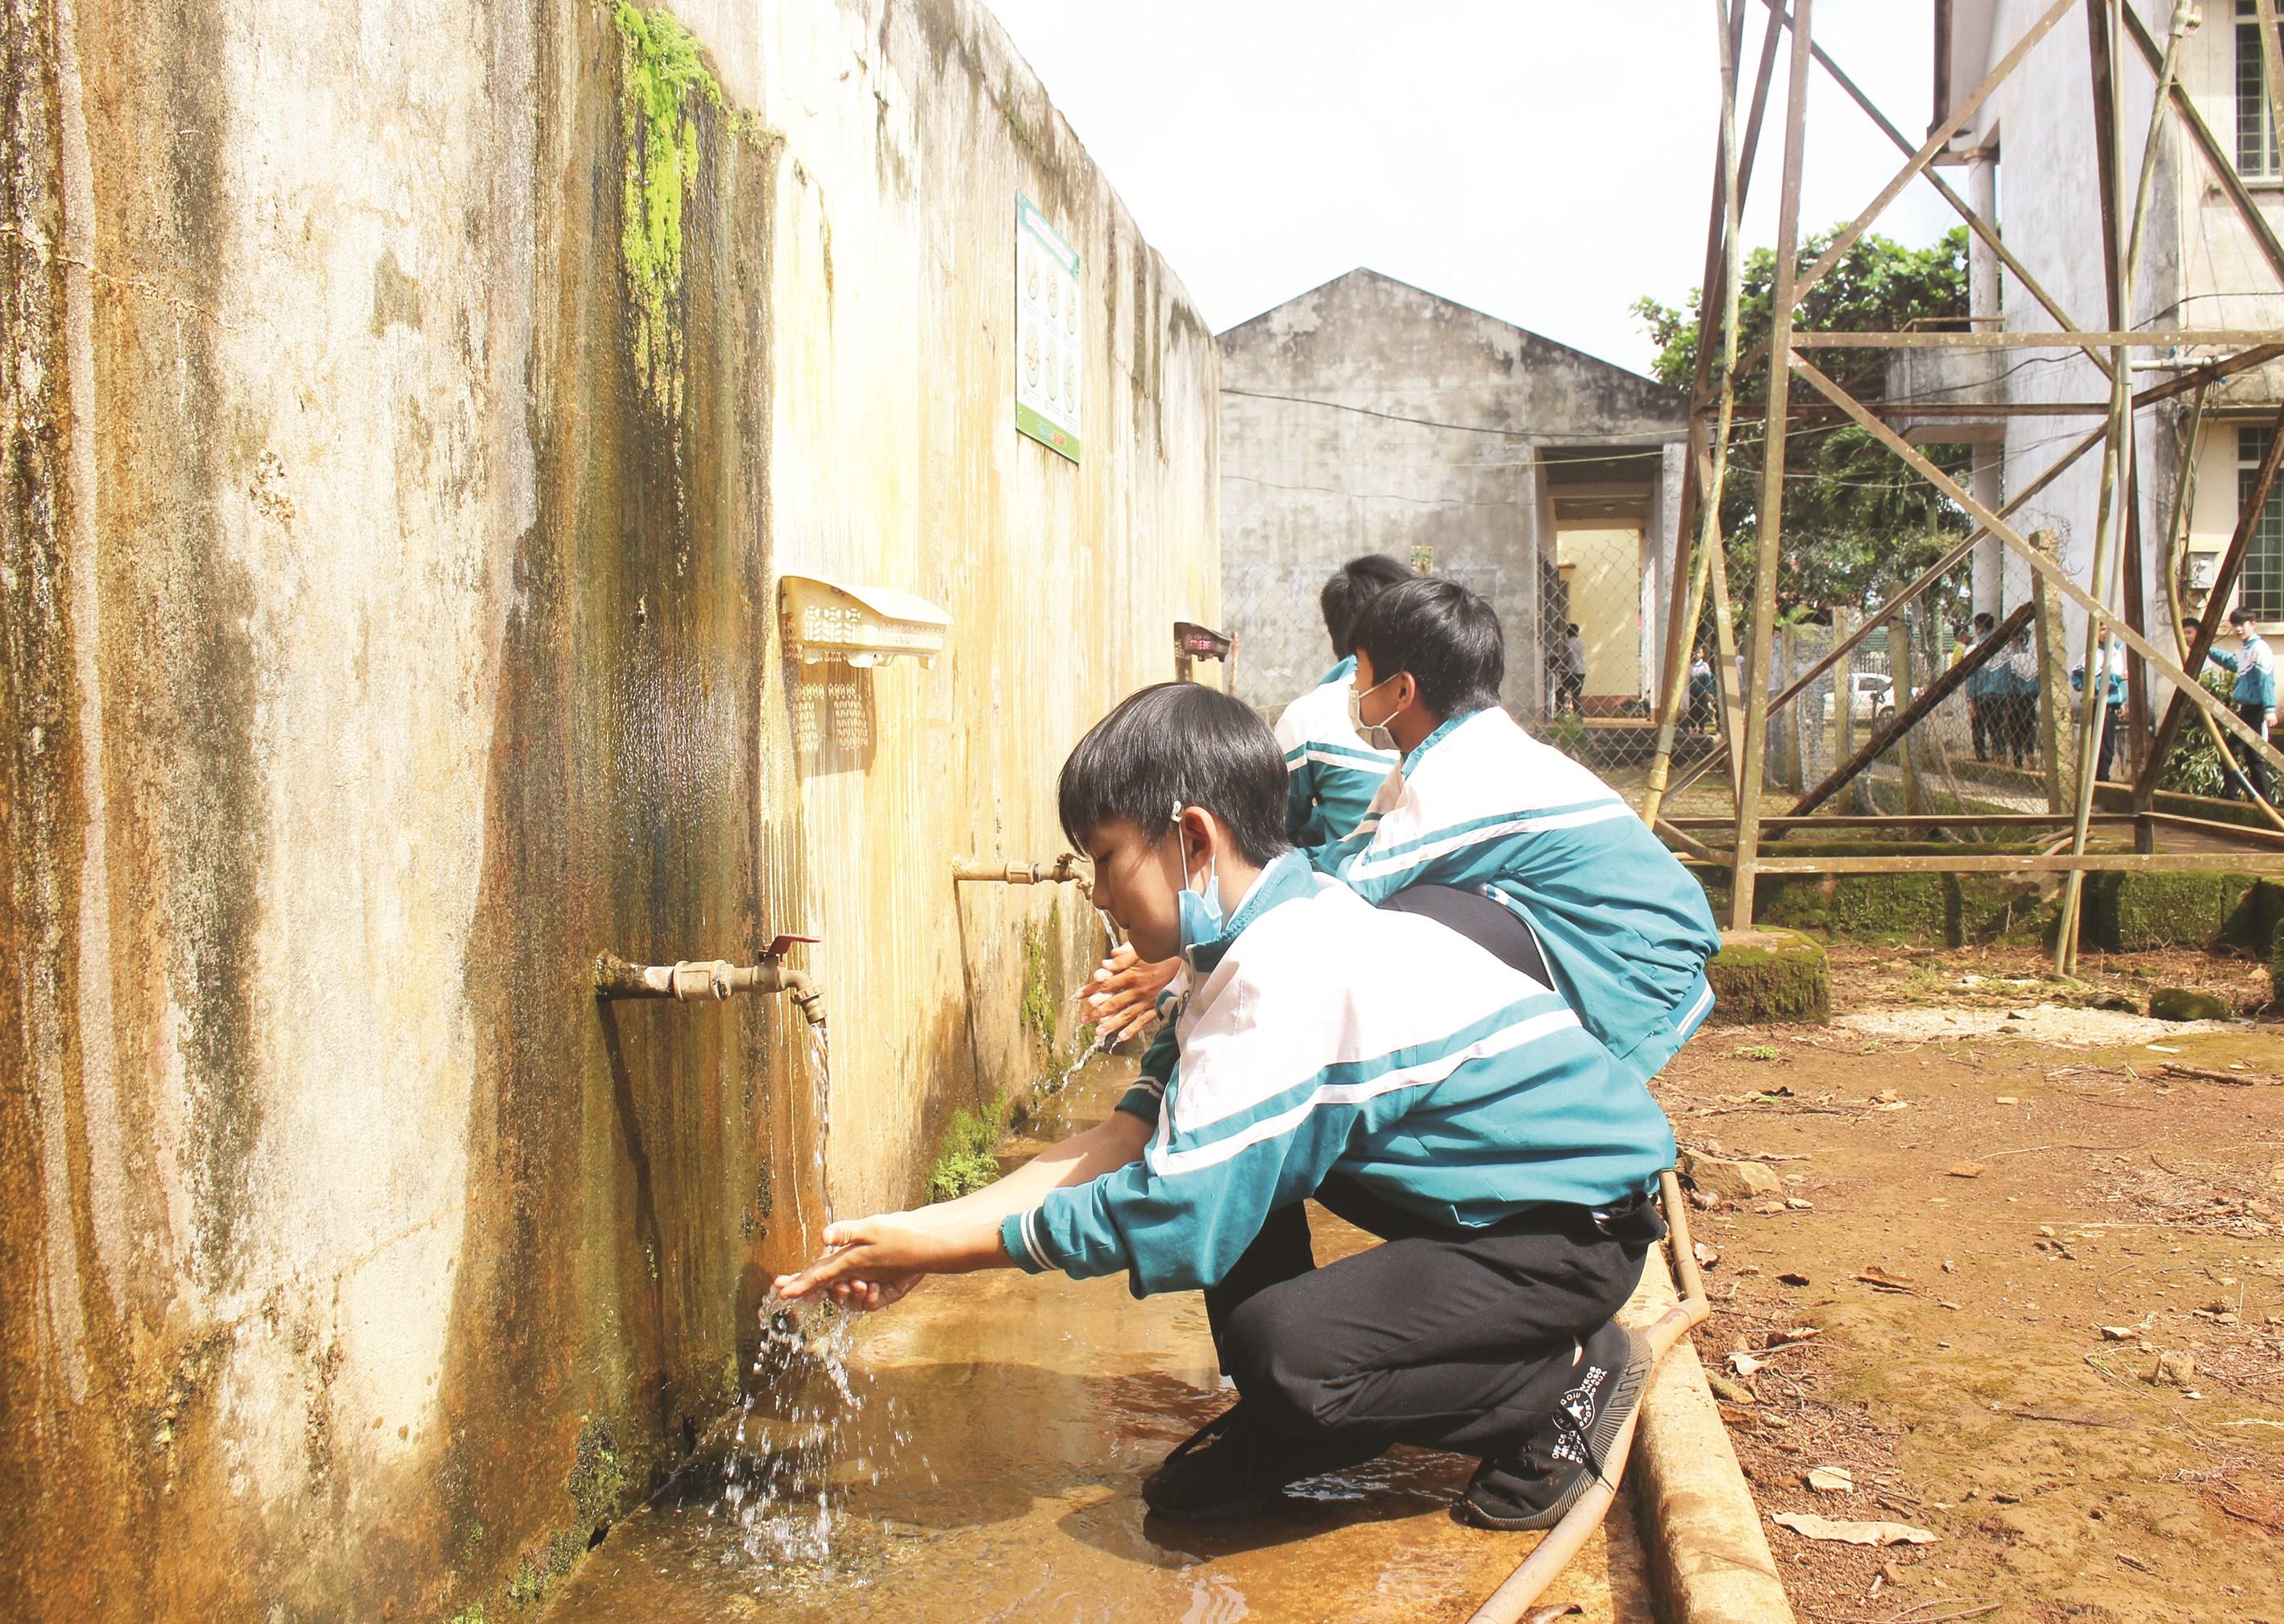 Công trình vệ sinh cũ xuống cấp tại trường học ở Đăk Nông. Ảnh minh họa